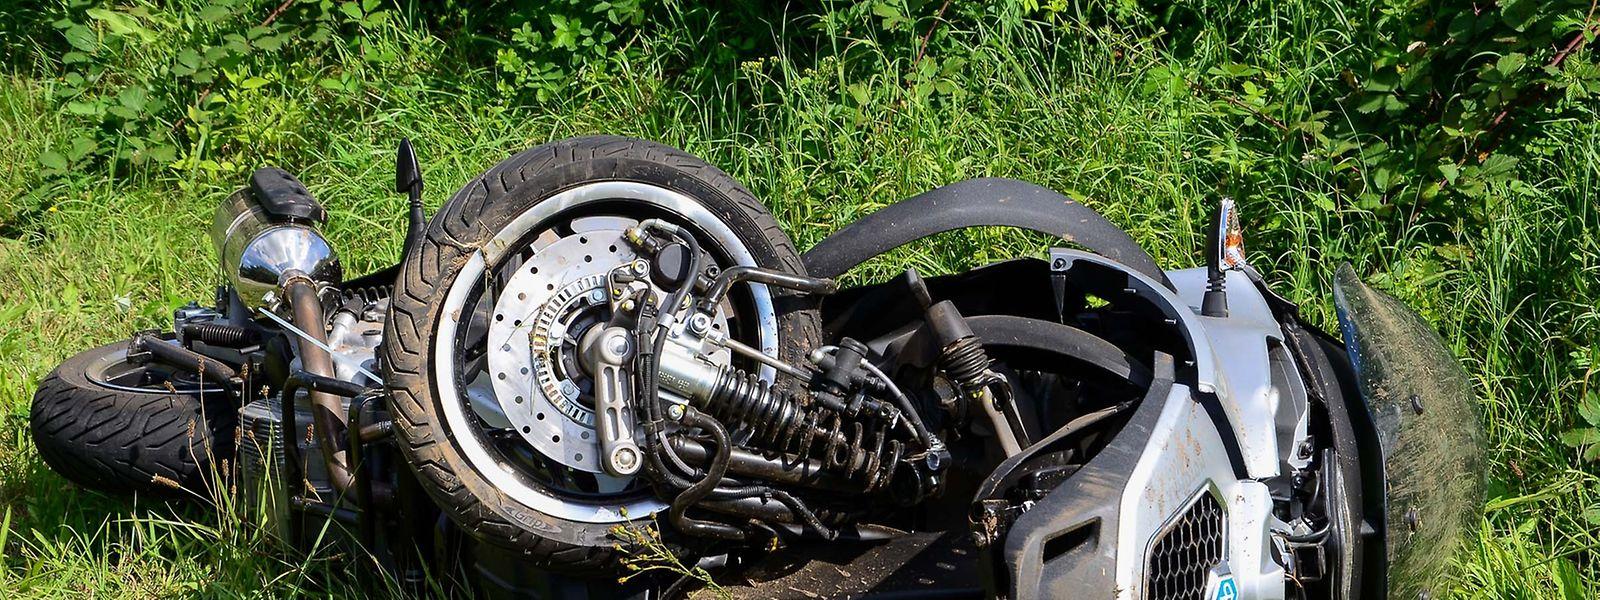 Bei Schengen kam es zu einem tödlichen Unfall mit einem dreirädrigen Roller, der mit Autoführerschein gefahren werden darf.